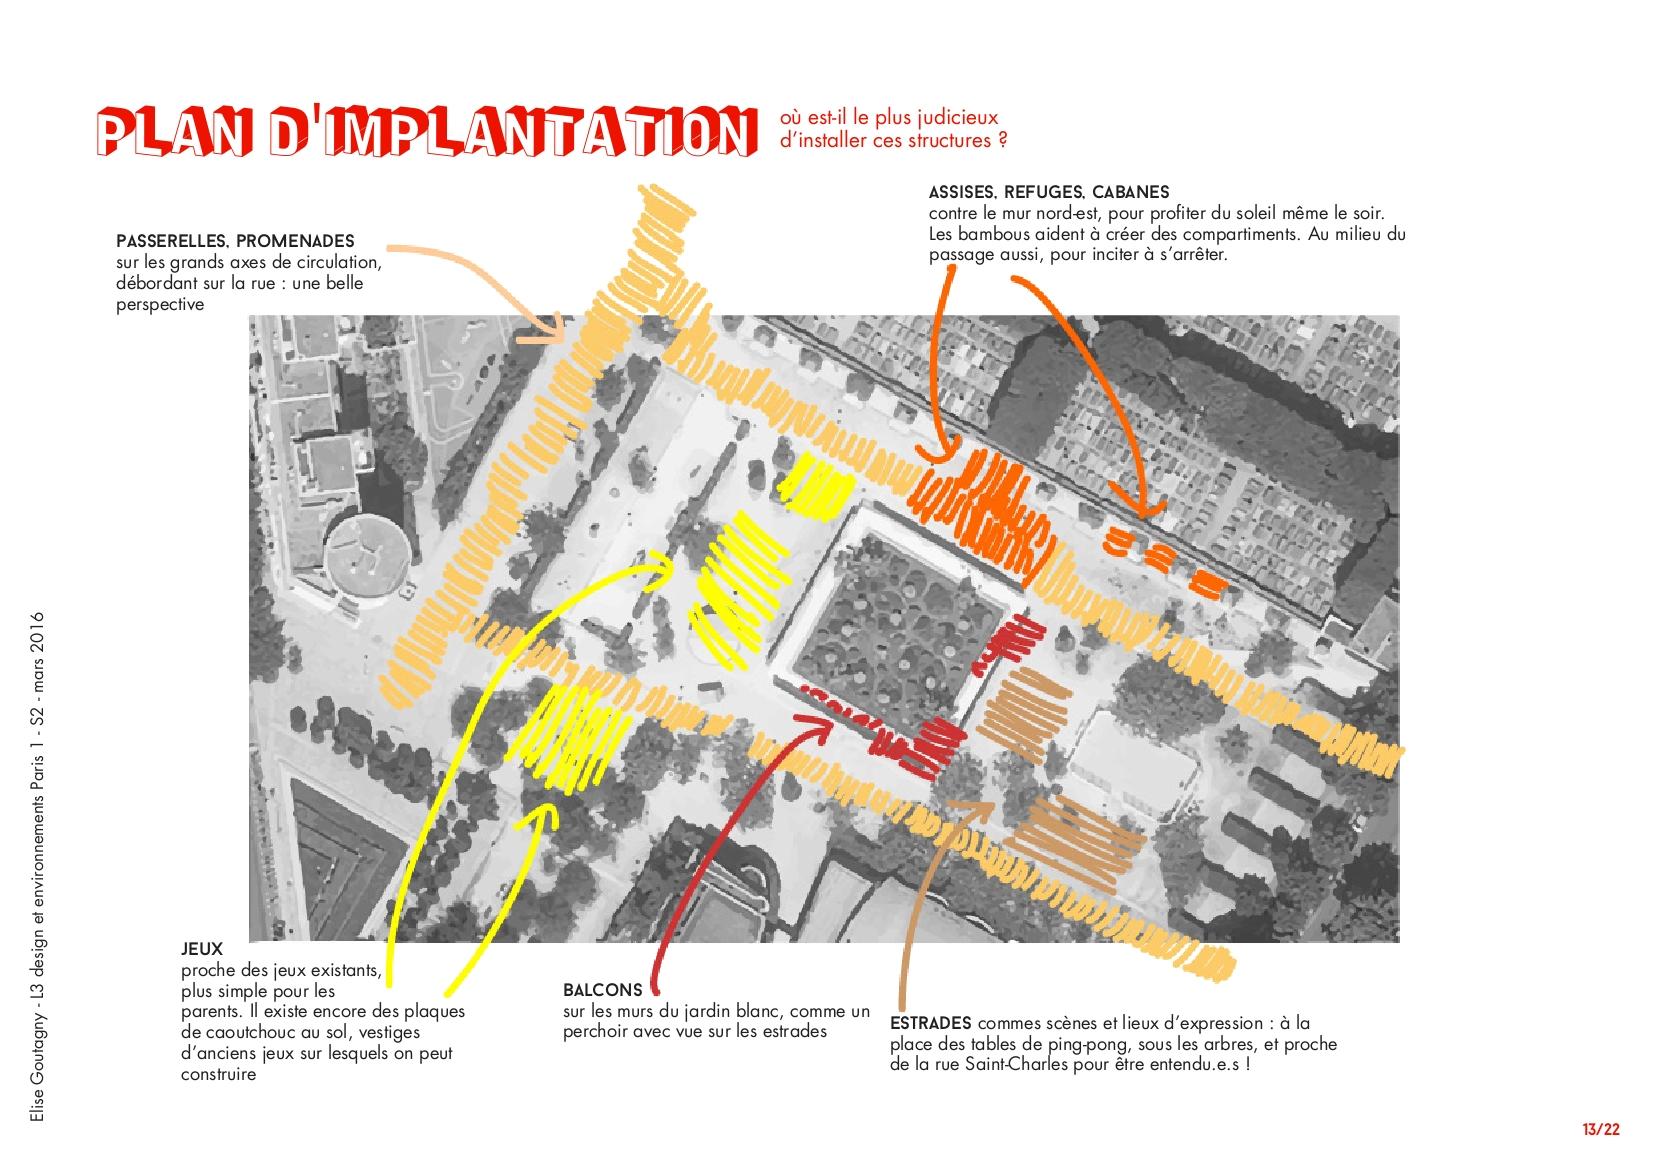 esplanade_egoutagny_compressed 5